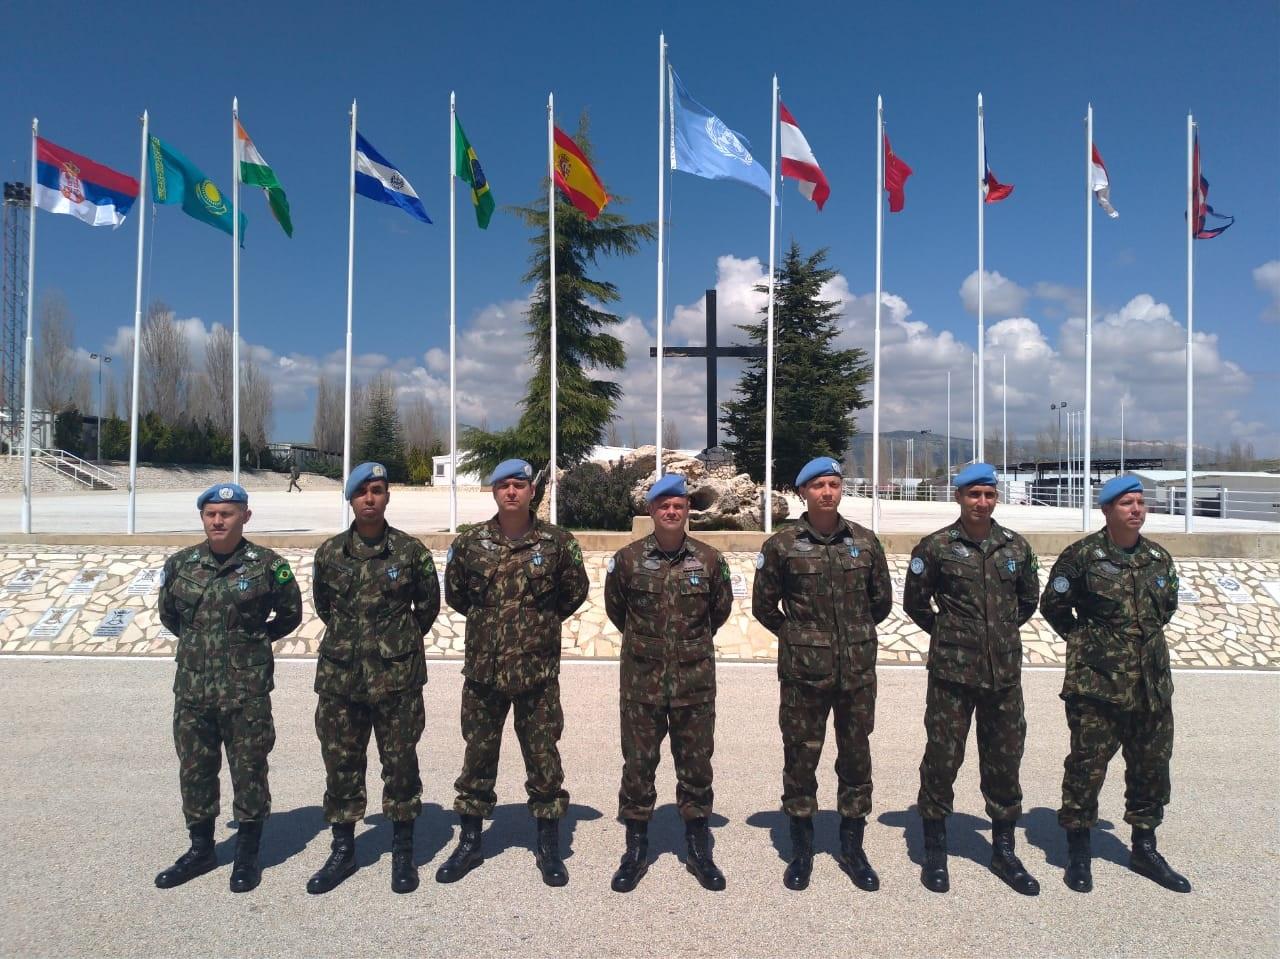 9º Contingente do Exército Brasileiro no Líbano é agraciado com a Medalha das Nações Unidas